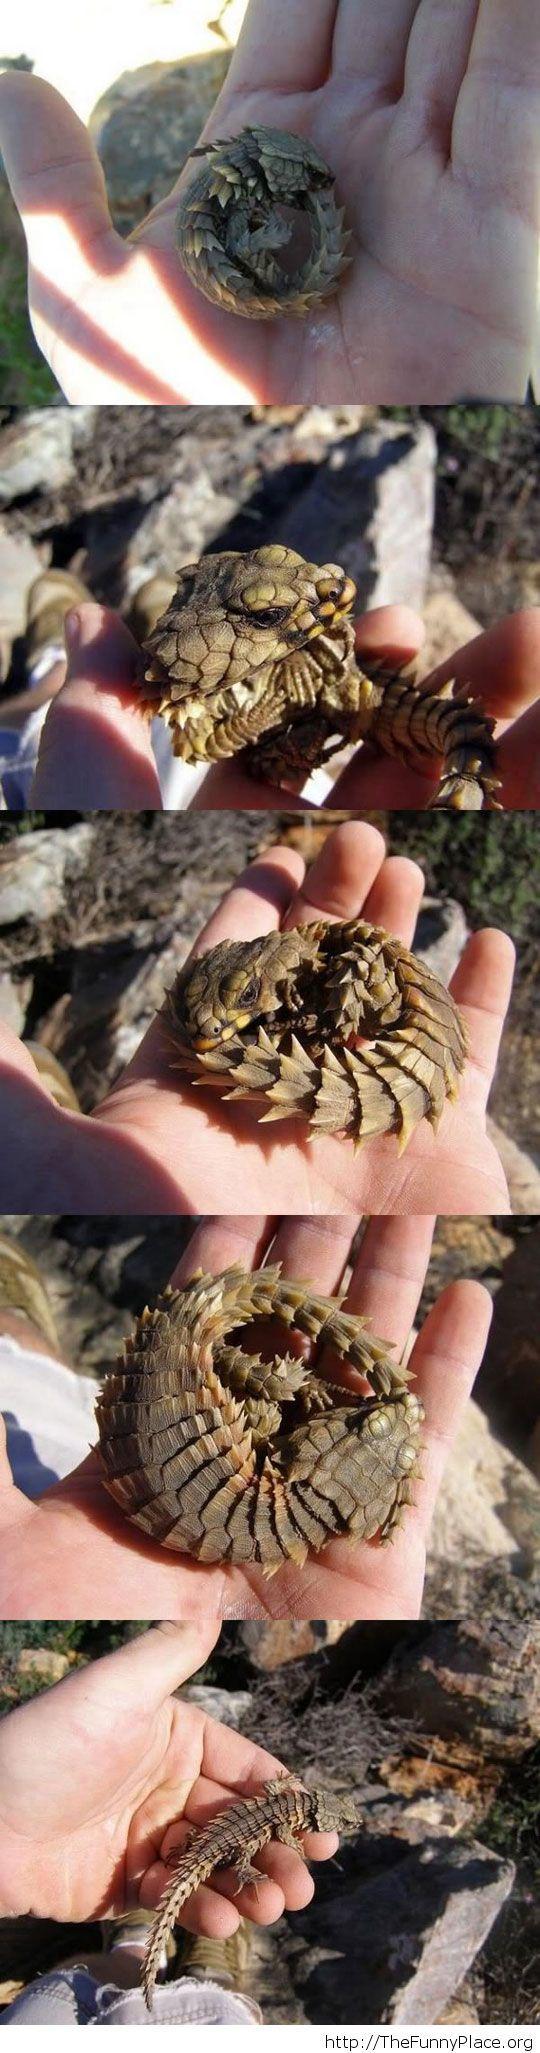 An awesome little lizard